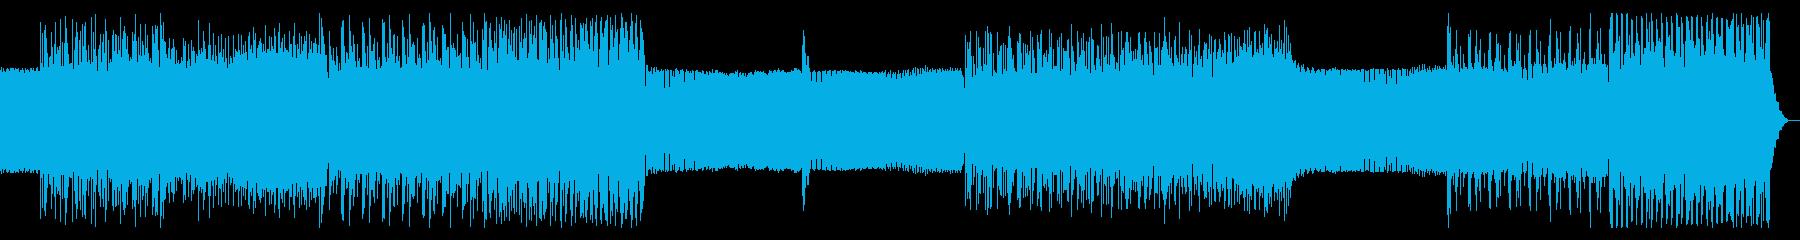 シンプルなアルペジオのテクノ11の再生済みの波形